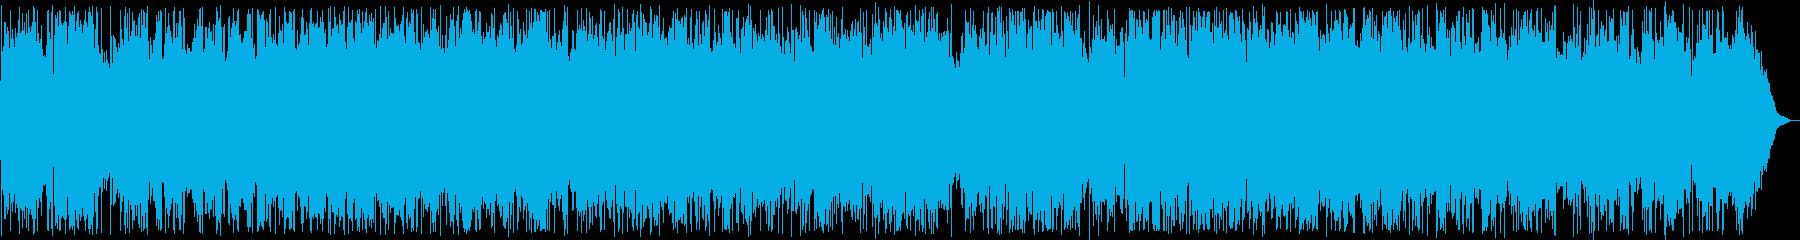 とうばらーま / 沖縄民謡の再生済みの波形